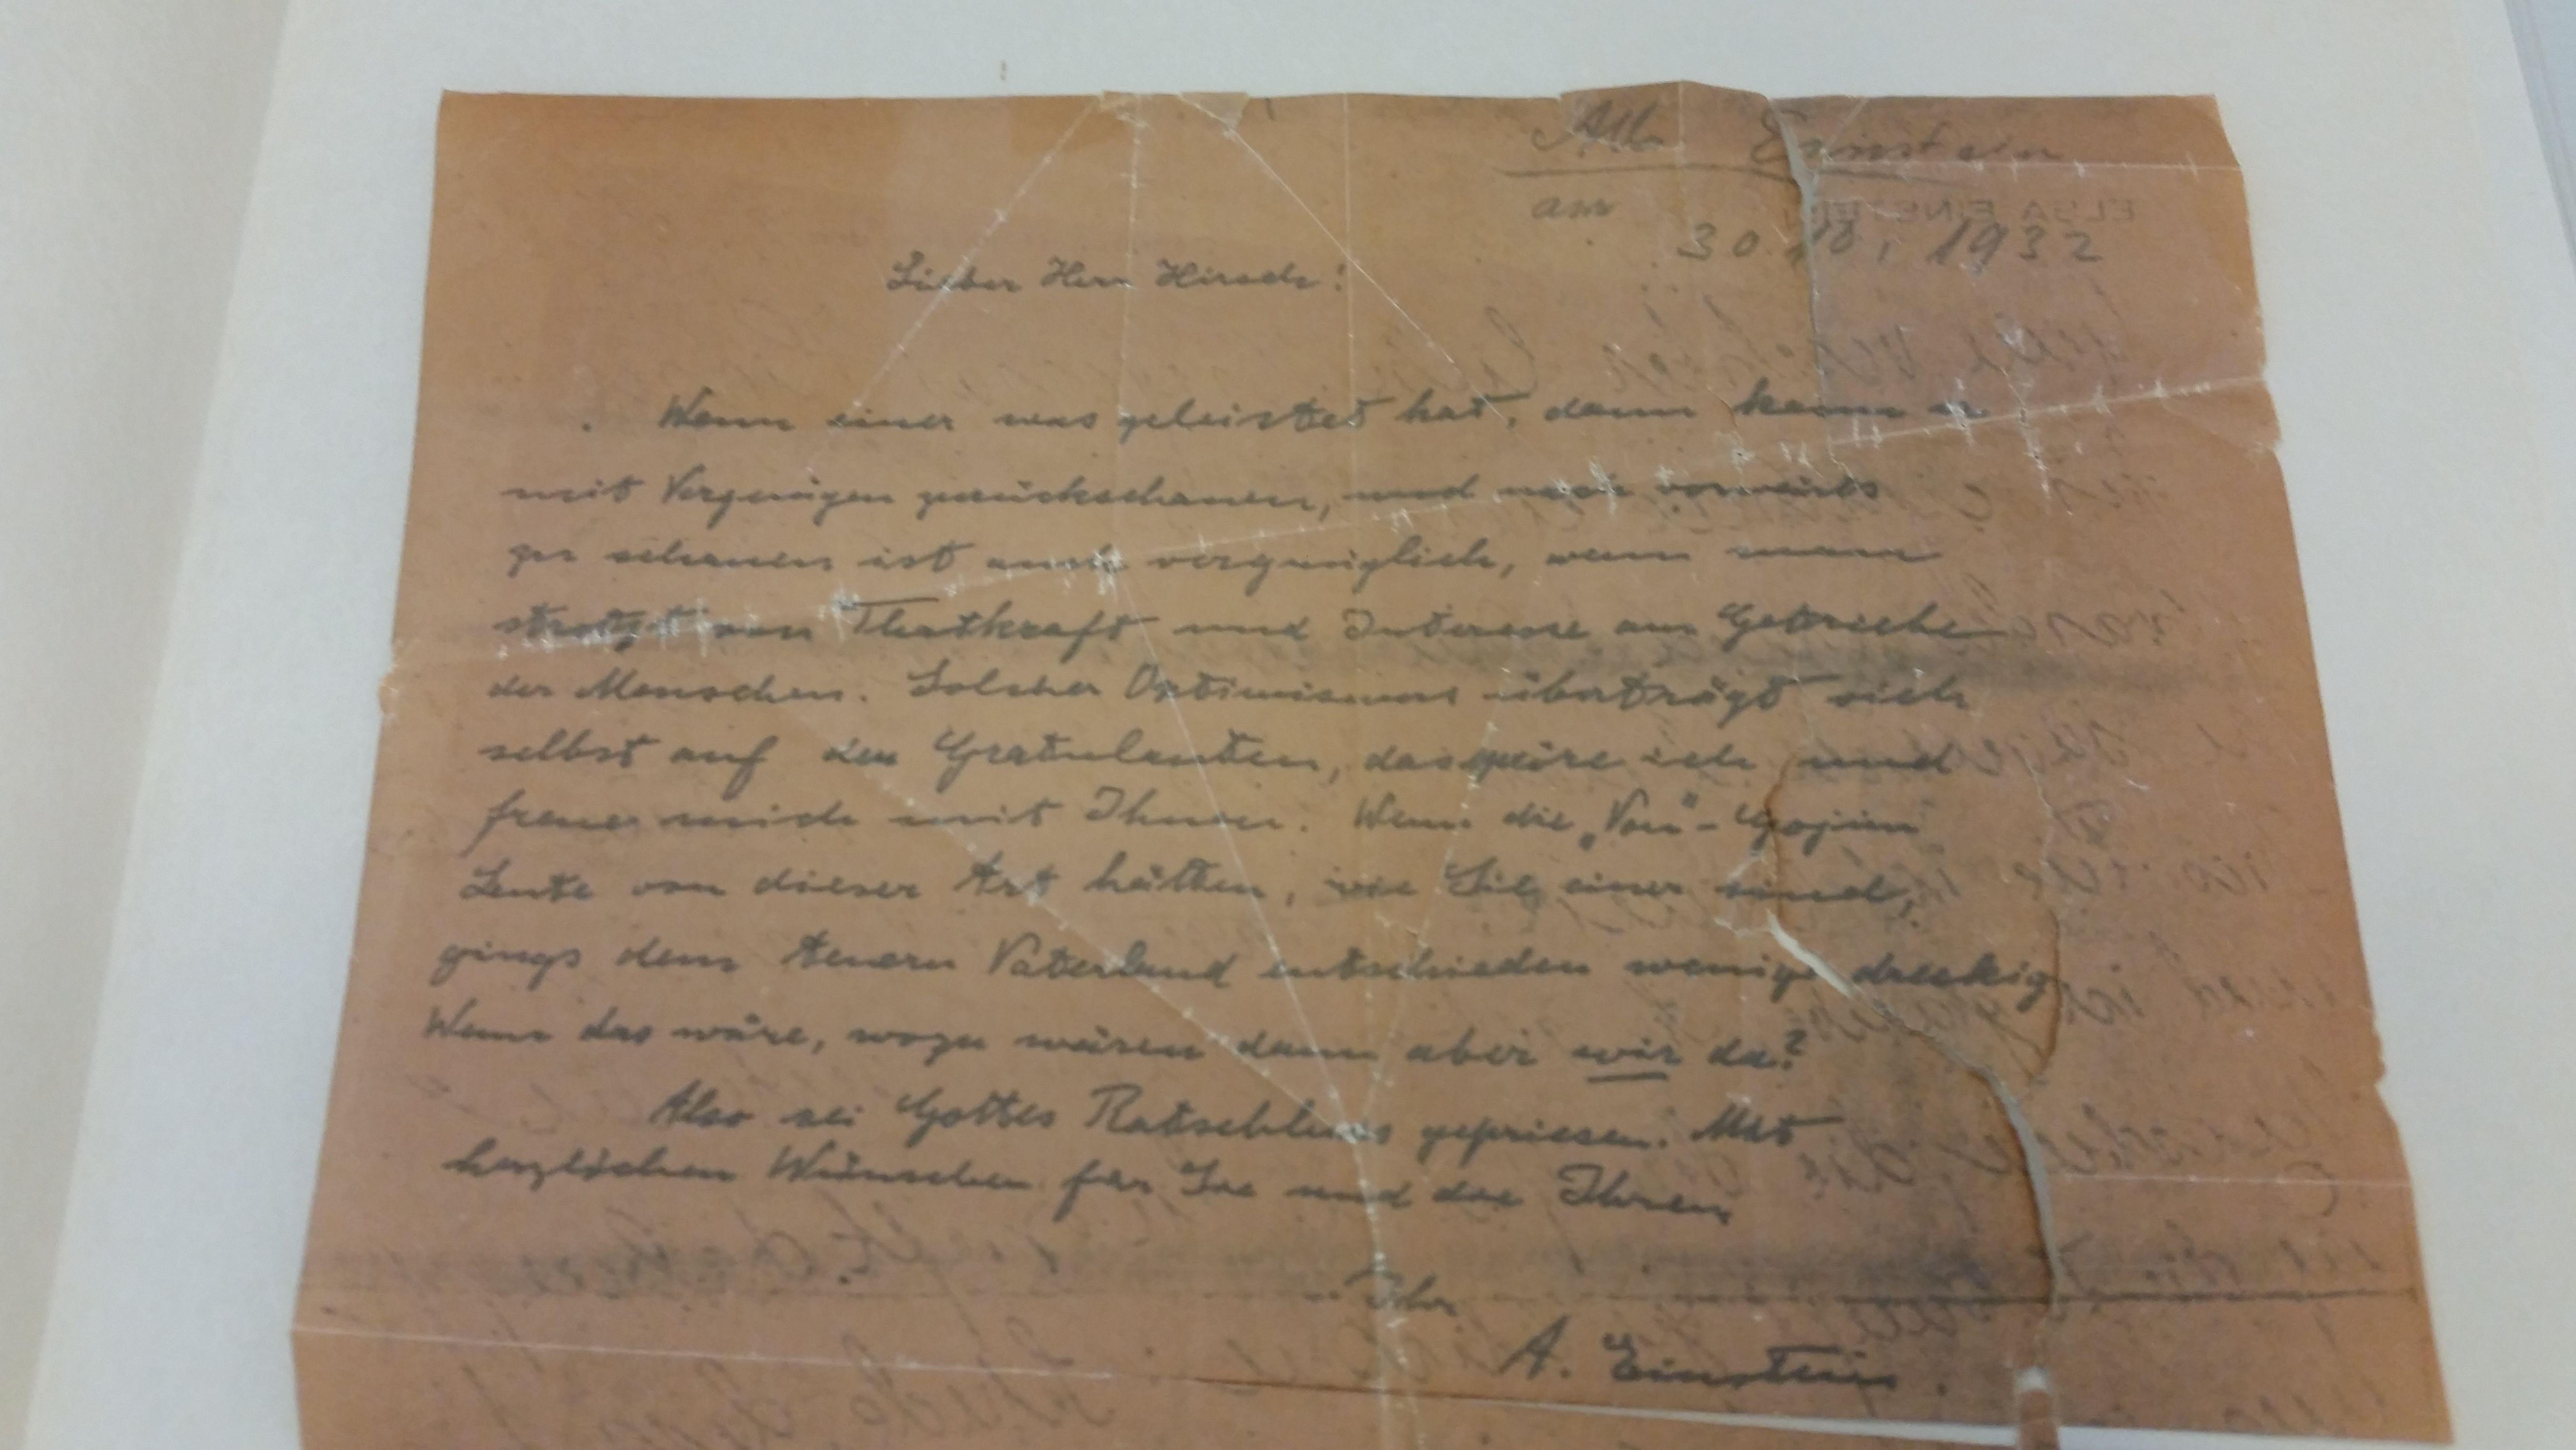 Die Fotokopie des Briefes.